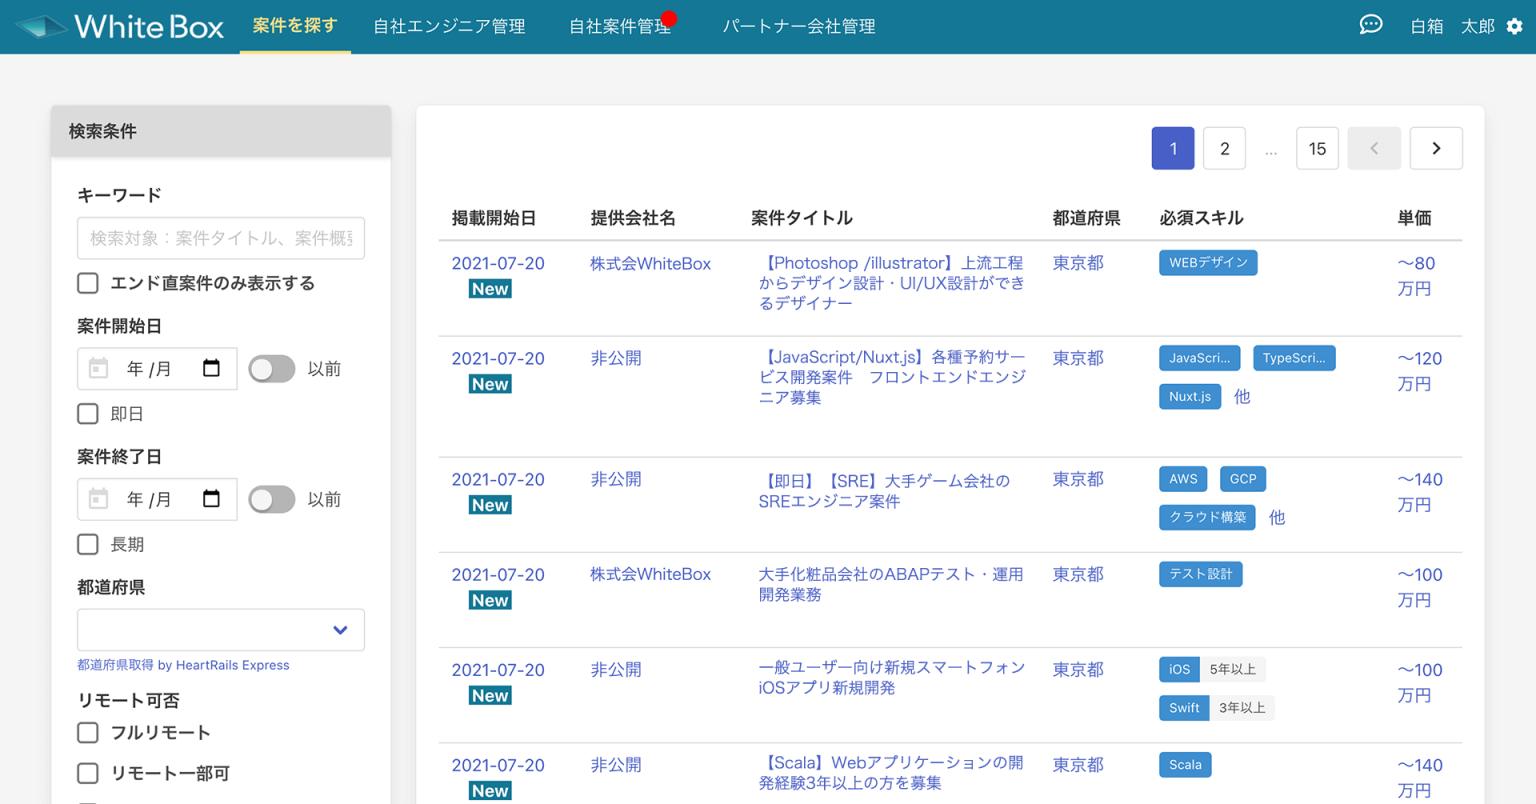 案件検索画面イメージ